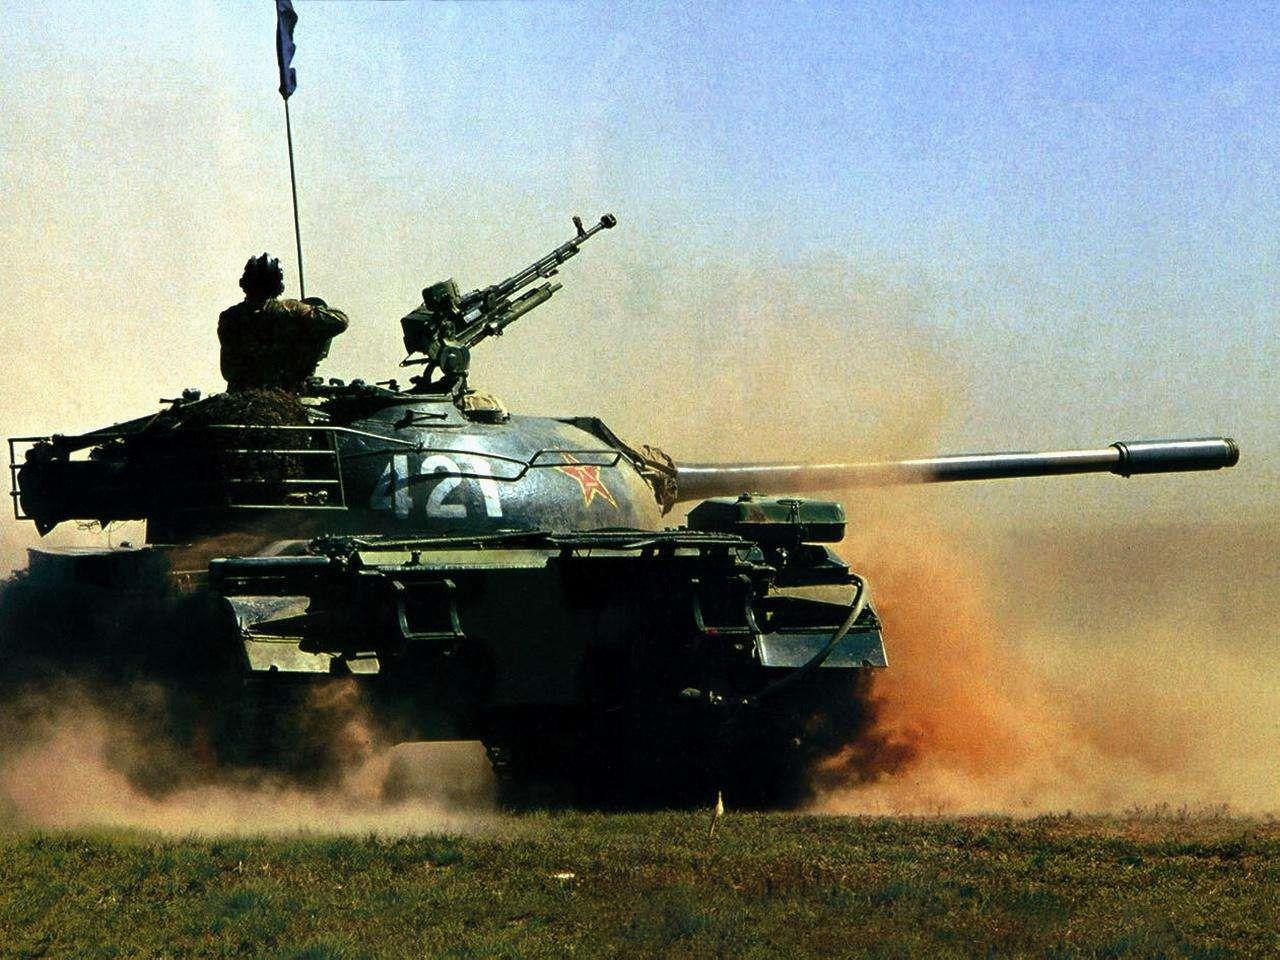 巴铁从塞尔维亚采购282辆T55坦克 单价不到35万美元